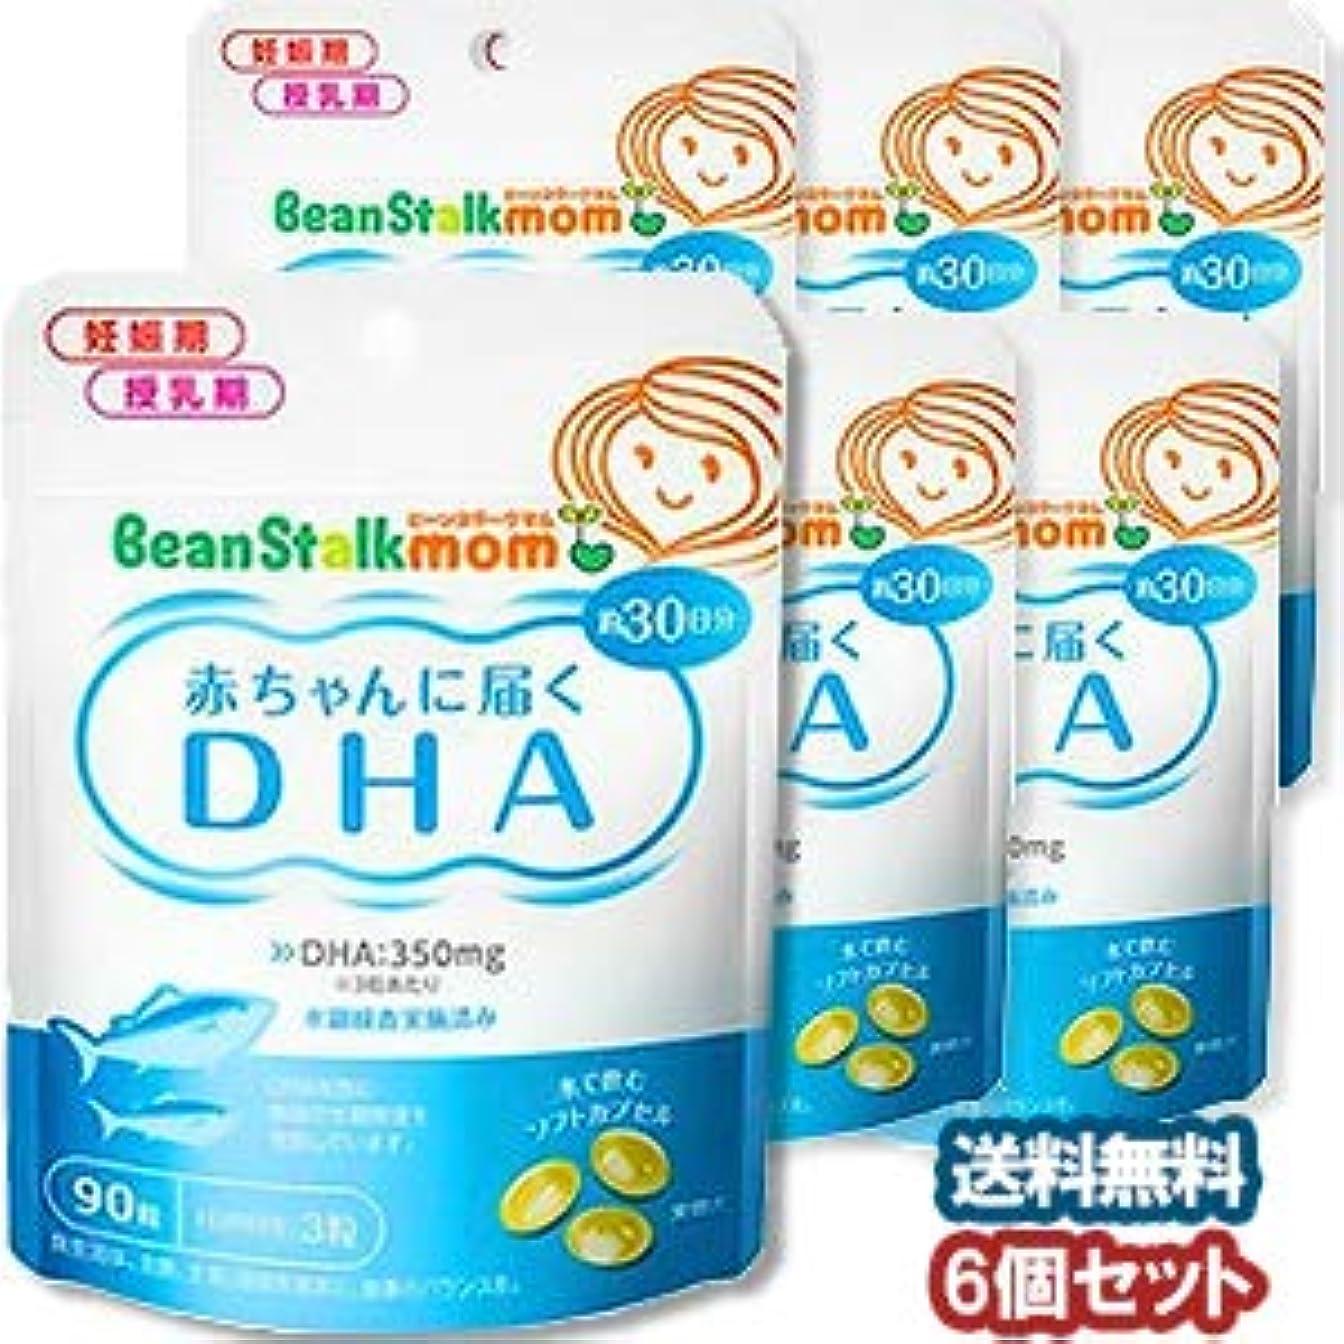 マーガレットミッチェル精緻化民間ビーンスタークマム 母乳にいいもの 赤ちゃんに届くDHA 90粒(30日分)×6個セット